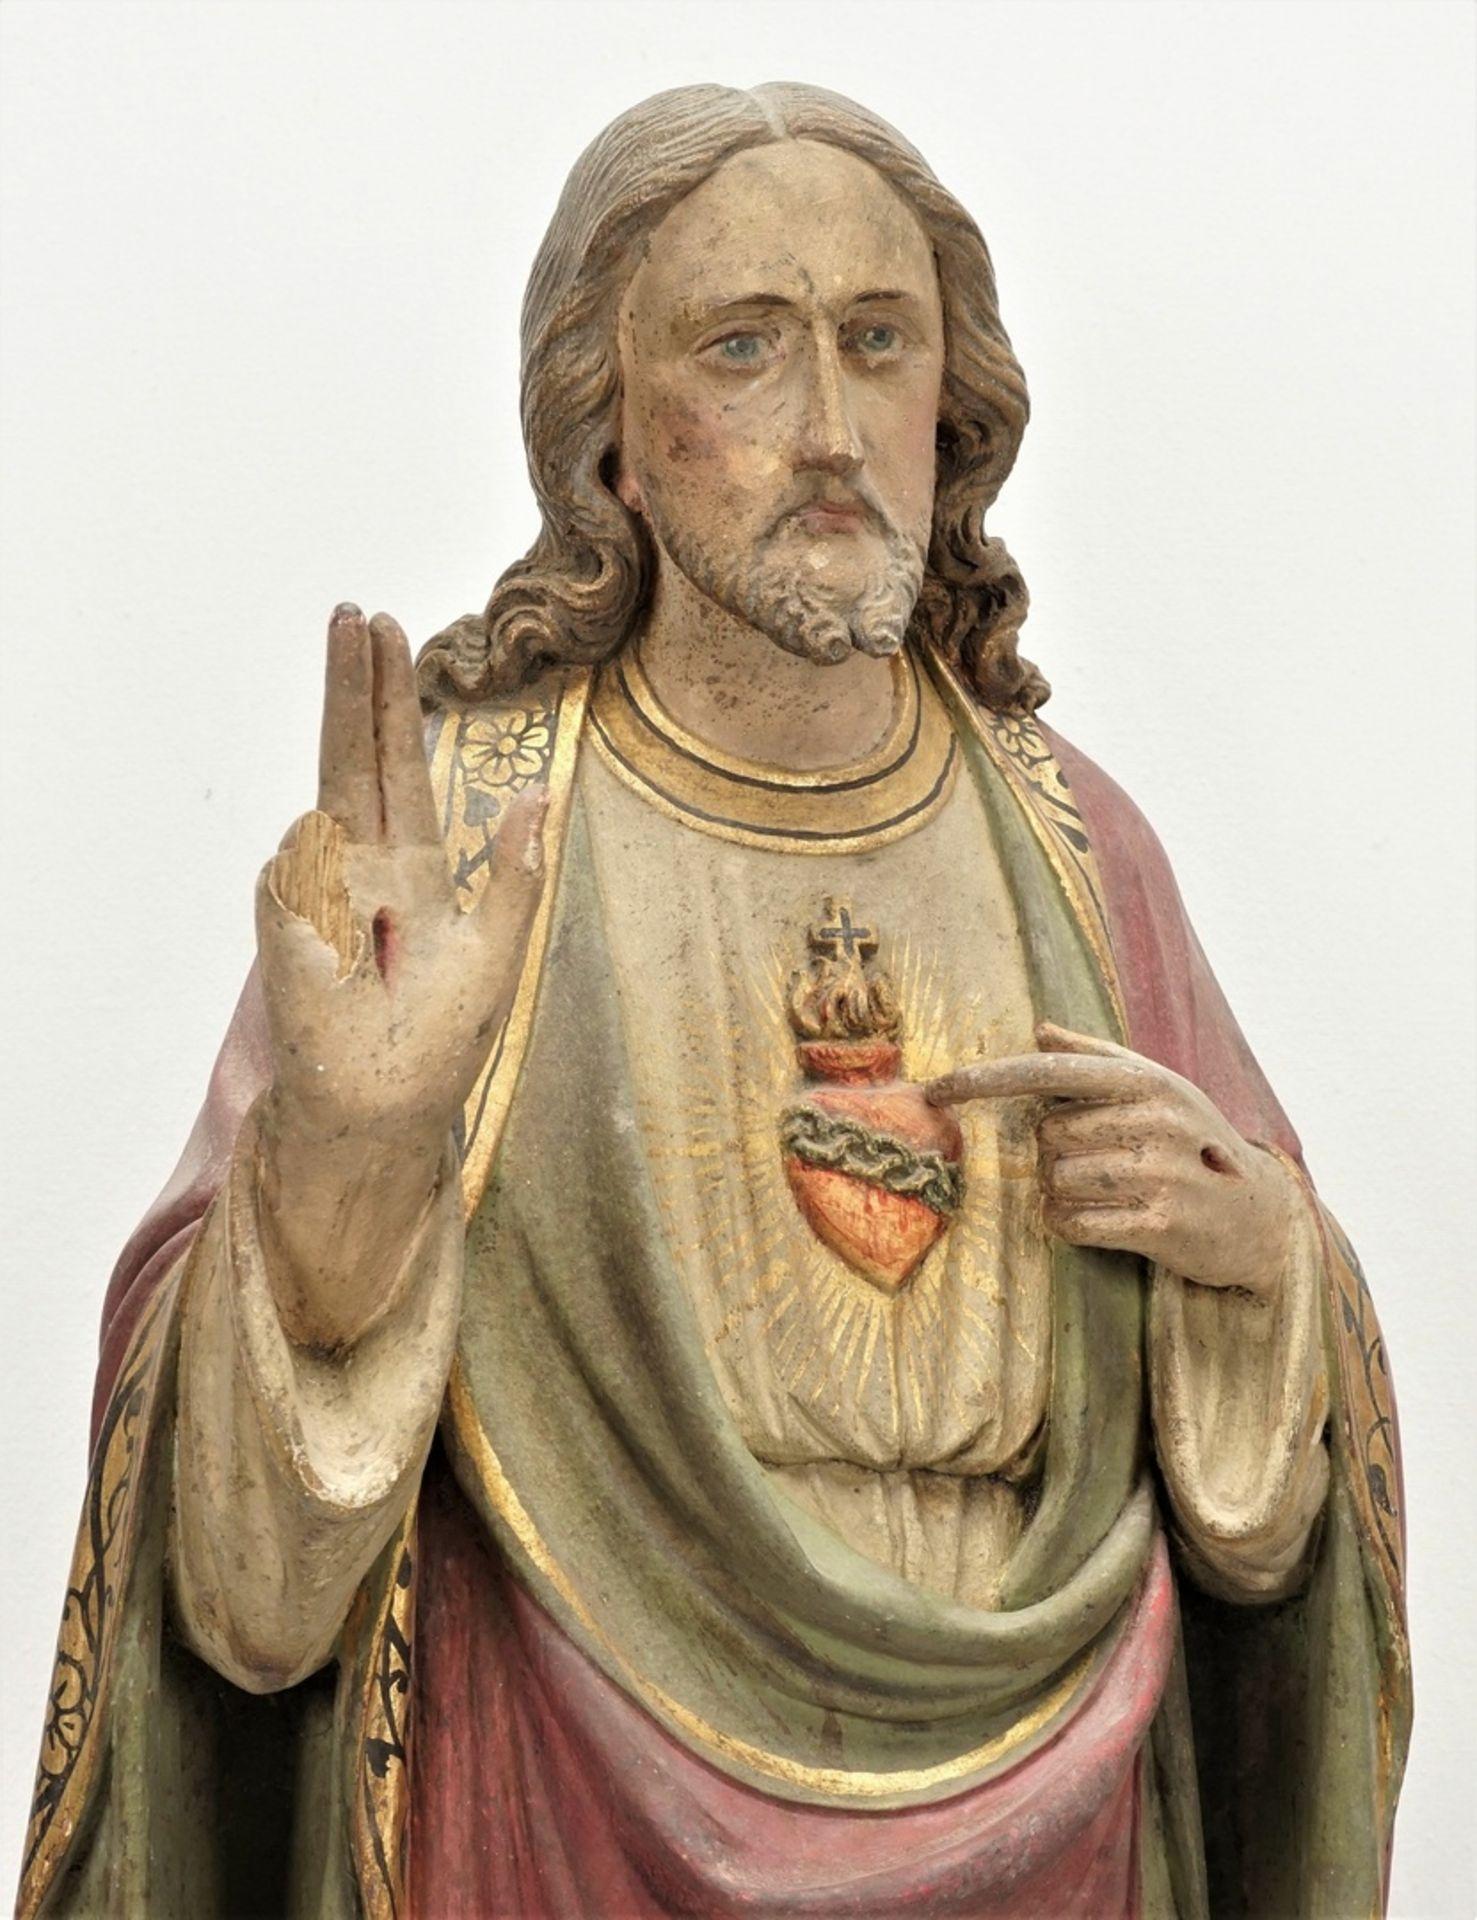 Zwei Holzskulpturen, Jesus und Maria mit brennendem Herzen, 19. Jh. - Bild 4 aus 5